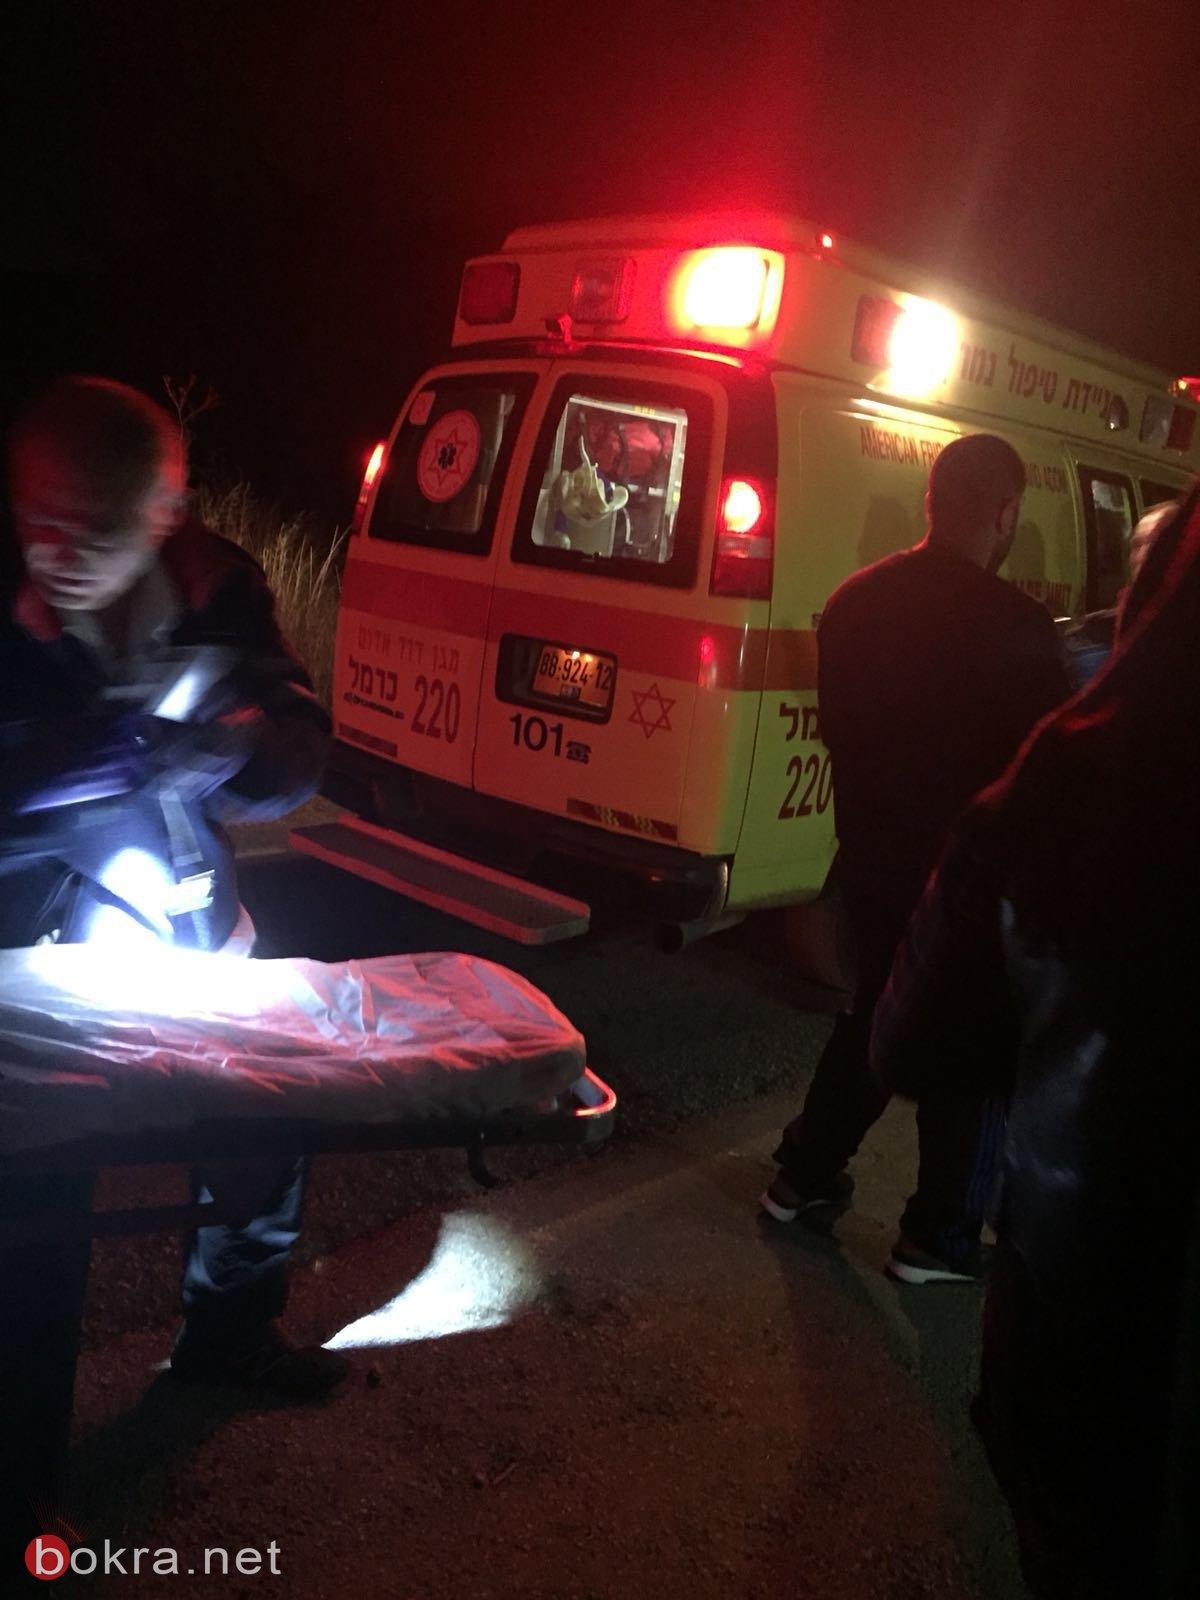 ام الفحم: اصابة فتاتين اثر حادث طرق